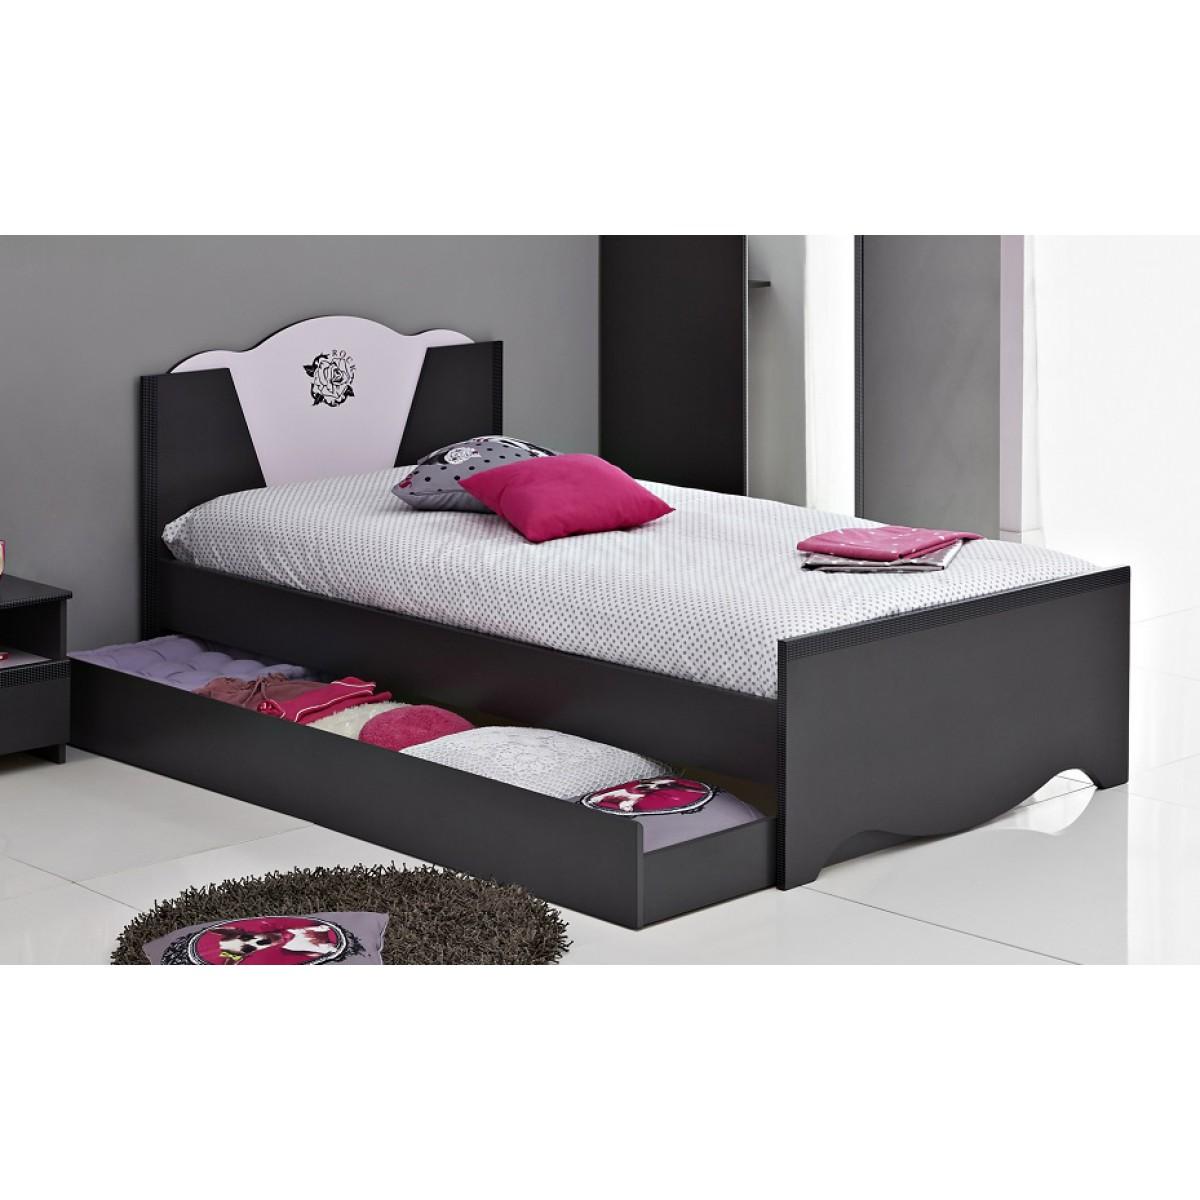 terre lit en bois 90x200 avec tiroirs gris ombre rose dr. Black Bedroom Furniture Sets. Home Design Ideas